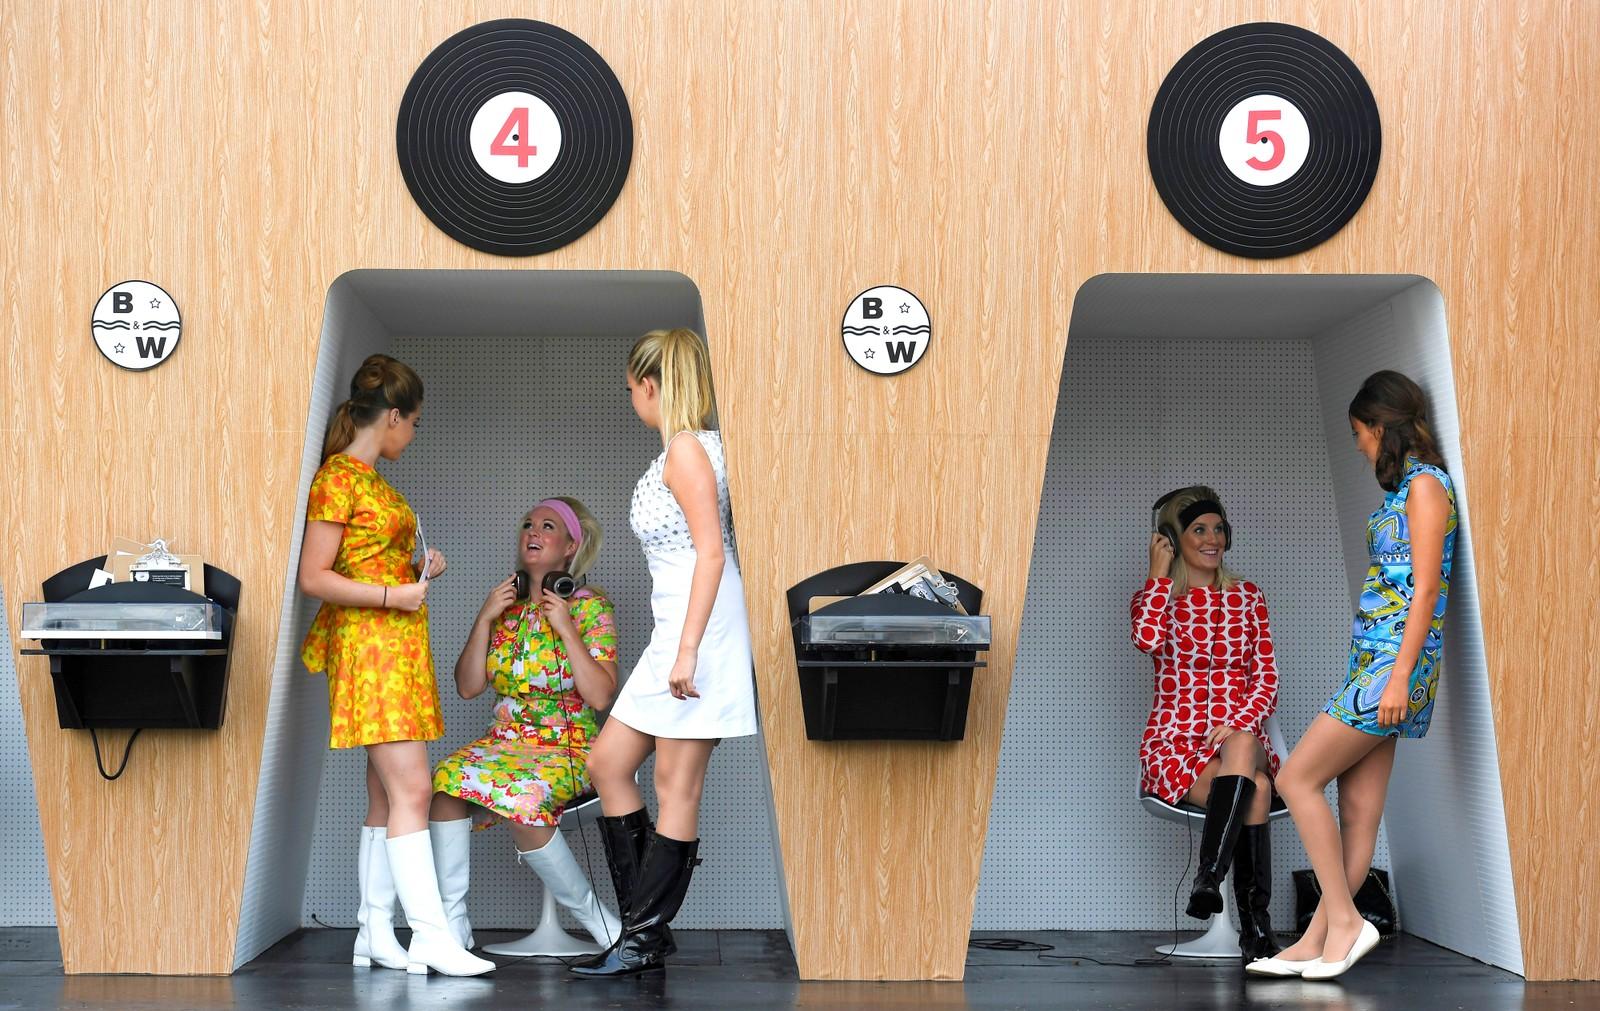 Omtrent 150.000 bilentusiaster møtte opp under den årlige historiske bilfestivalen Goodwood Revival for å feire ikoniske biler fra midten av forrige århundre. De fleste som møter opp kler seg i antrekk fra den samme perioden. Festivalen holdes i ved Chichester i England. Bildet er tatt den 9. september.